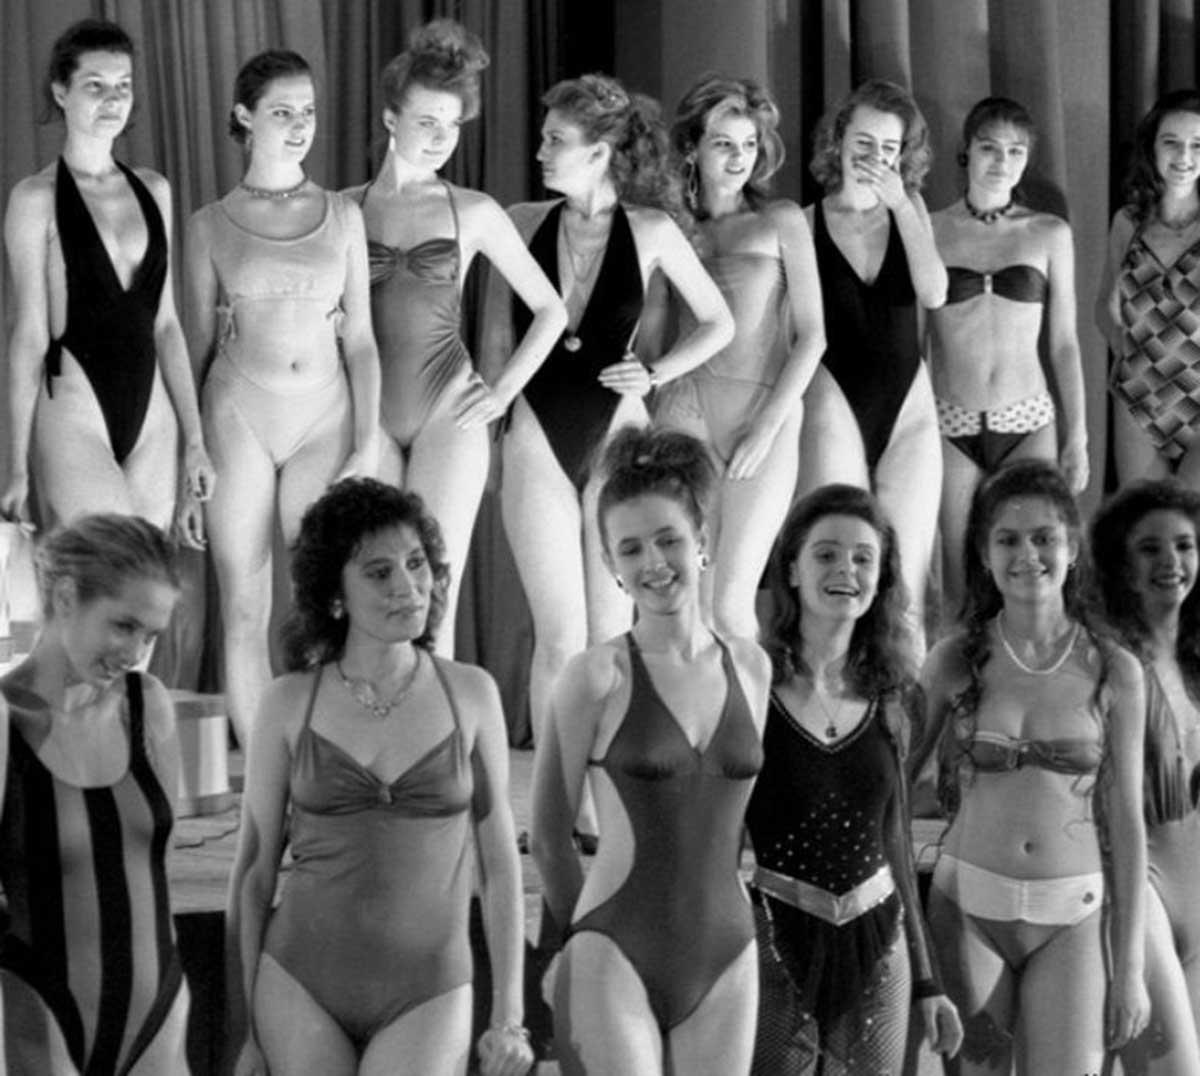 Primeiro concurso de beleza da União Soviética em 1988